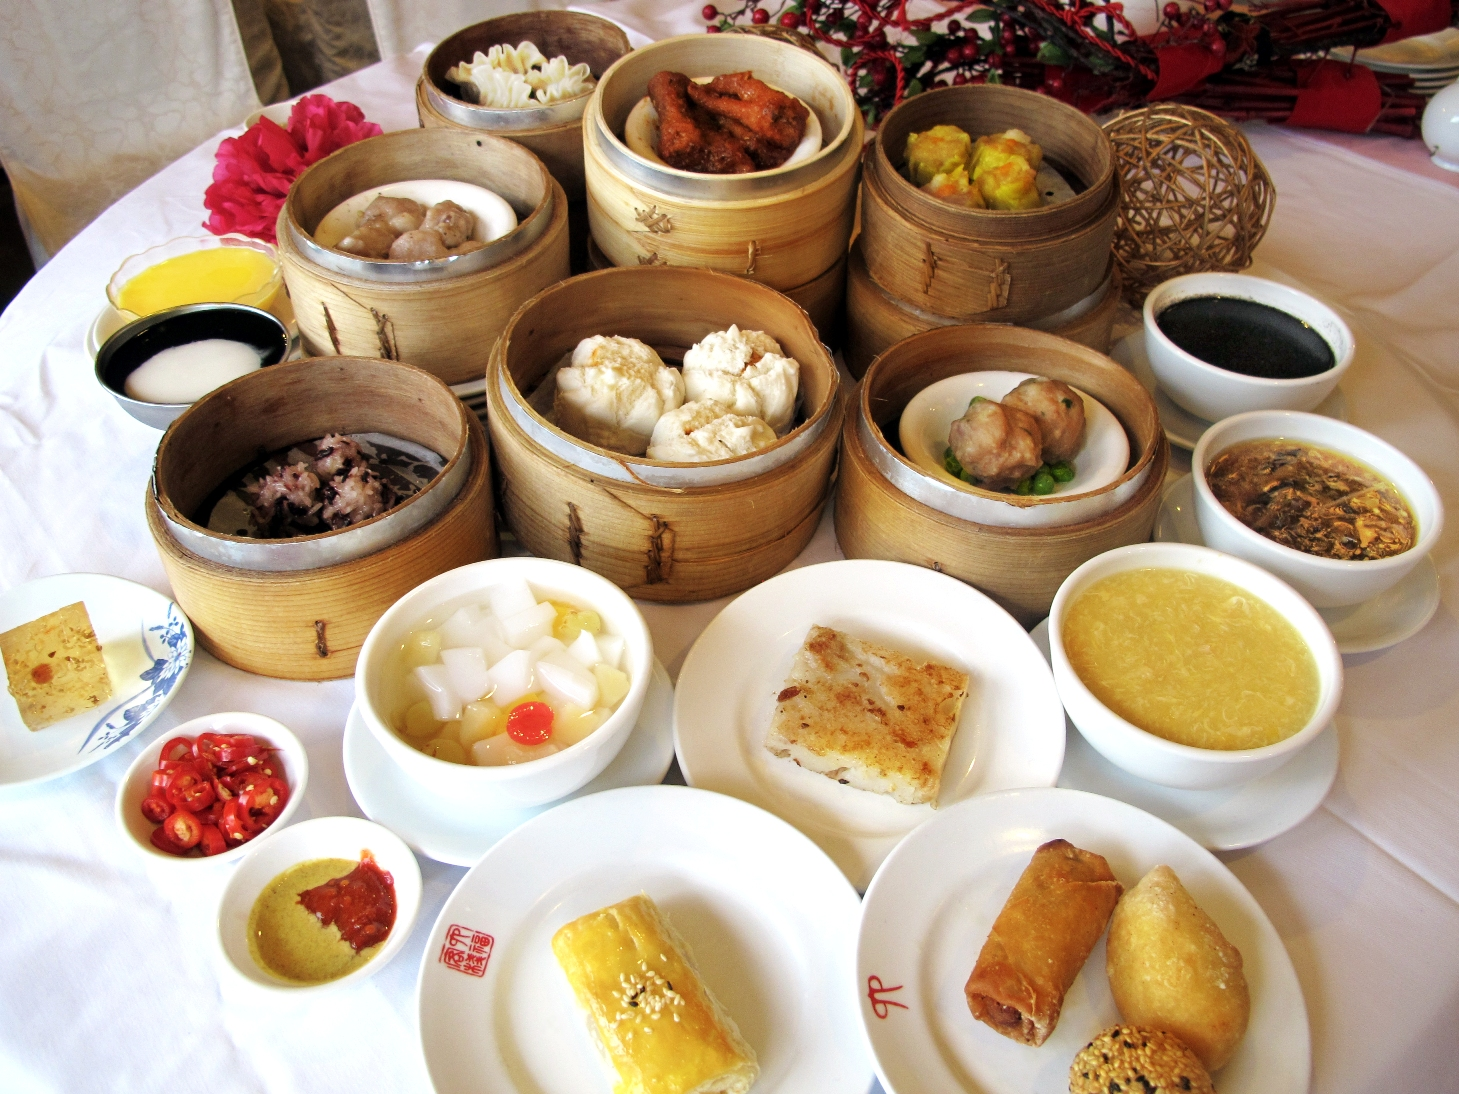 跟著 Mikey 一家去旅行 - 【 好康快報 】2015 TCE 台灣美食展 - 小吃類優惠彙整表